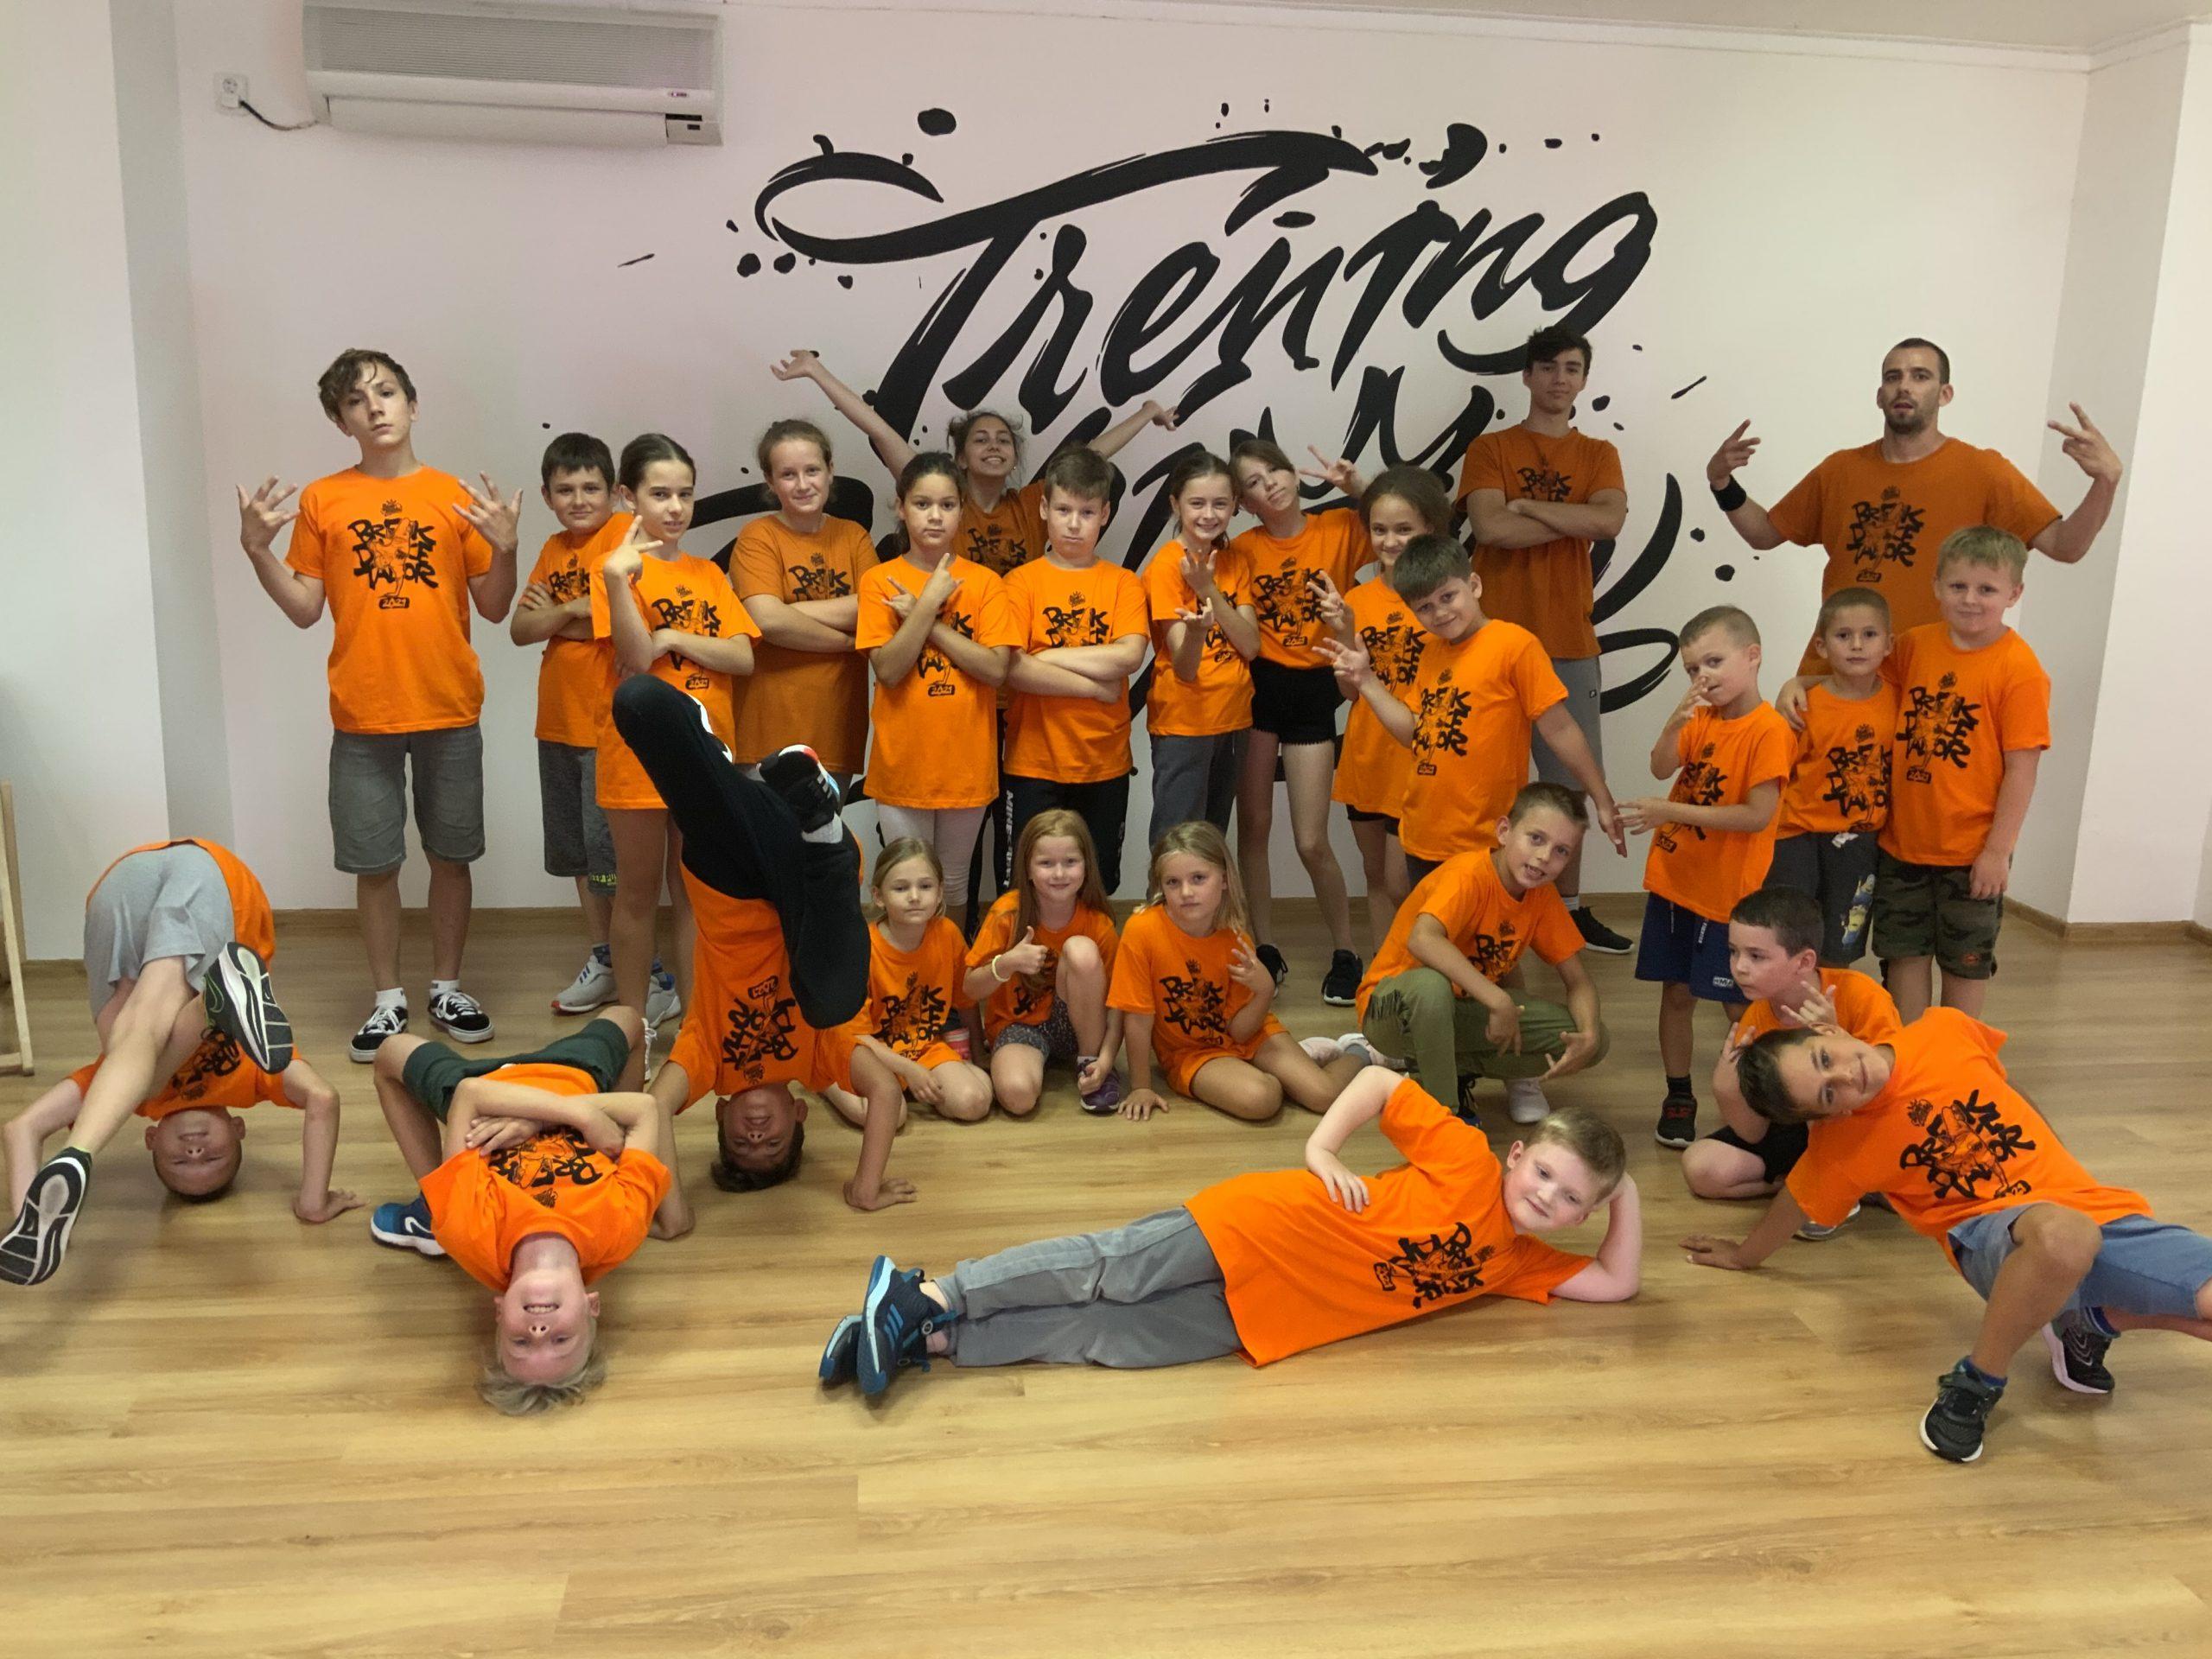 skola_breaku_breakdance_tabor_1-7